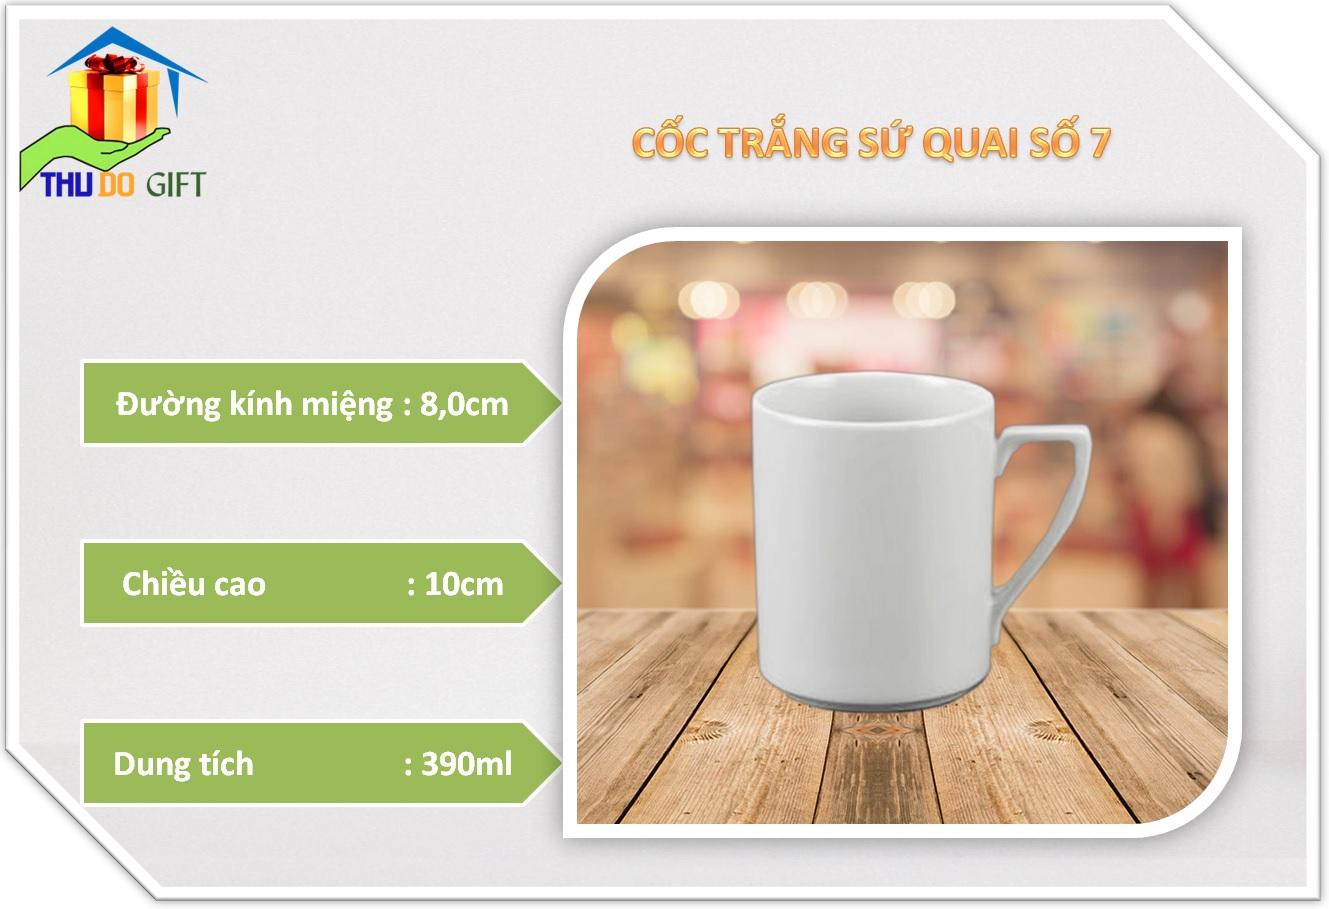 Thông số cốc trắng sứ quai số 7